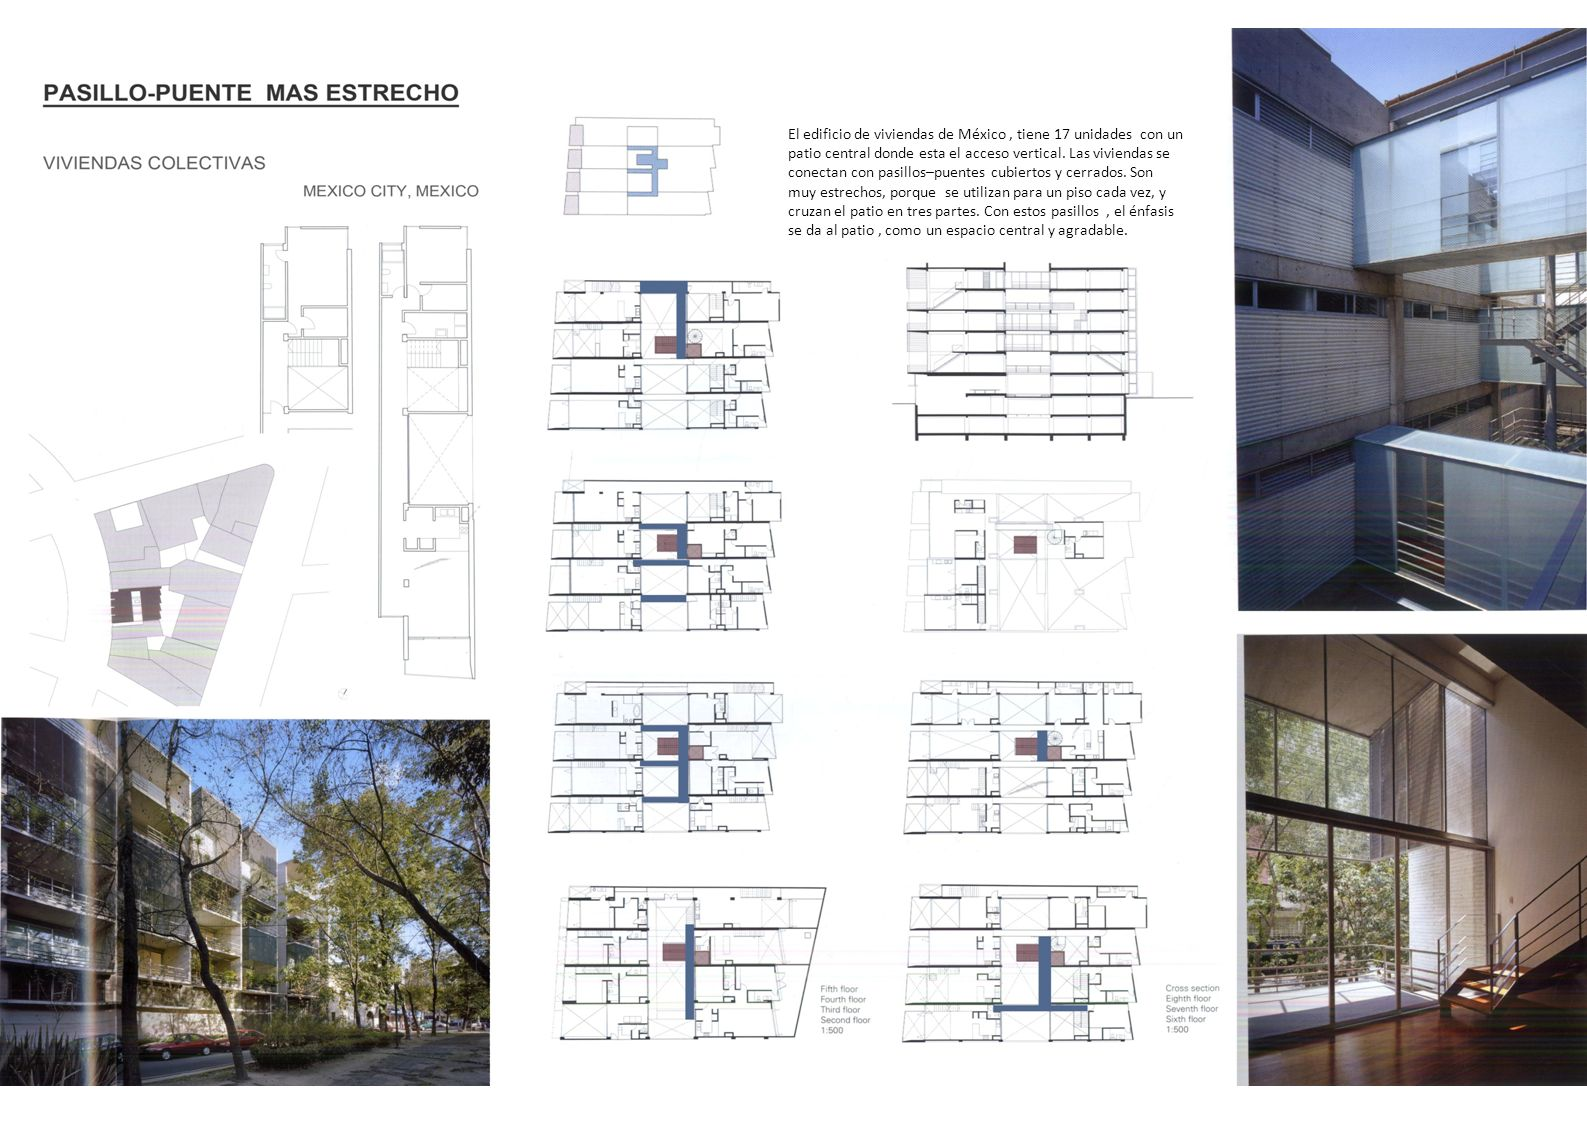 El edificio de viviendas de México, tiene 17 unidades con un patio central donde esta el acceso vertical. Las viviendas se conectan con pasillos–puent